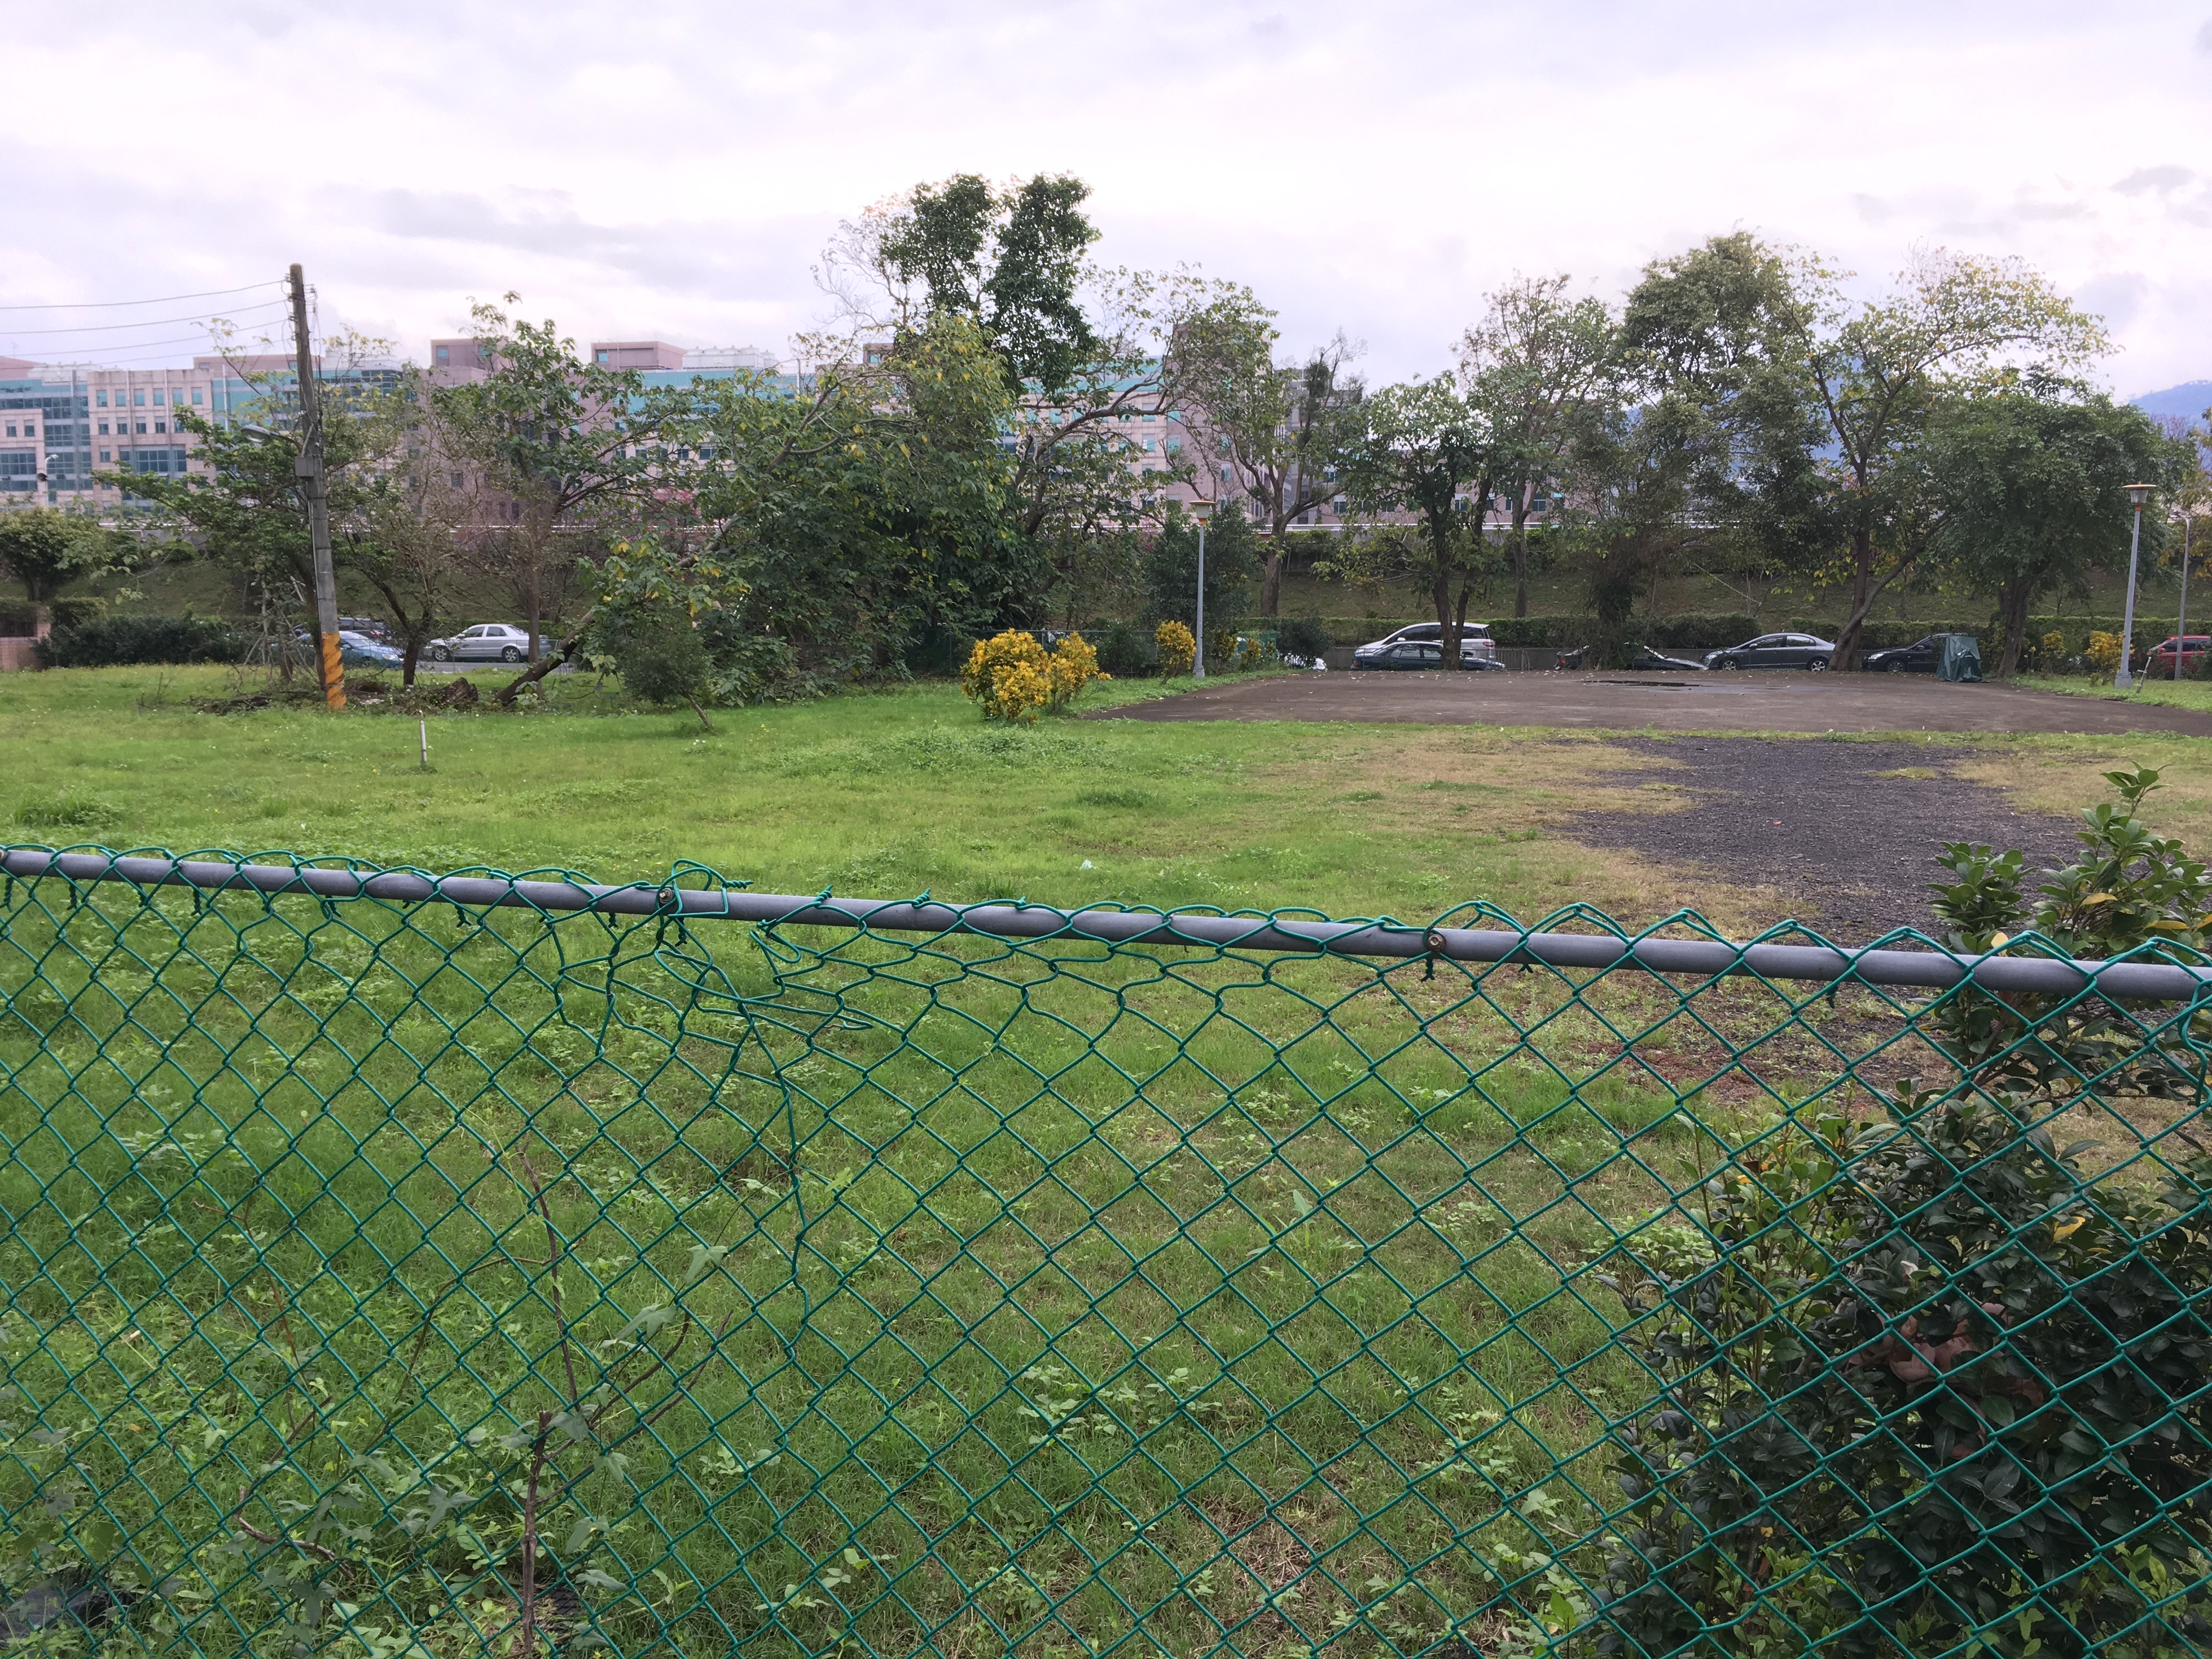 和興路84巷原市府預定興建公宅處,因里民反彈過大,市府決議暫緩實施。攝影/羅紹齊